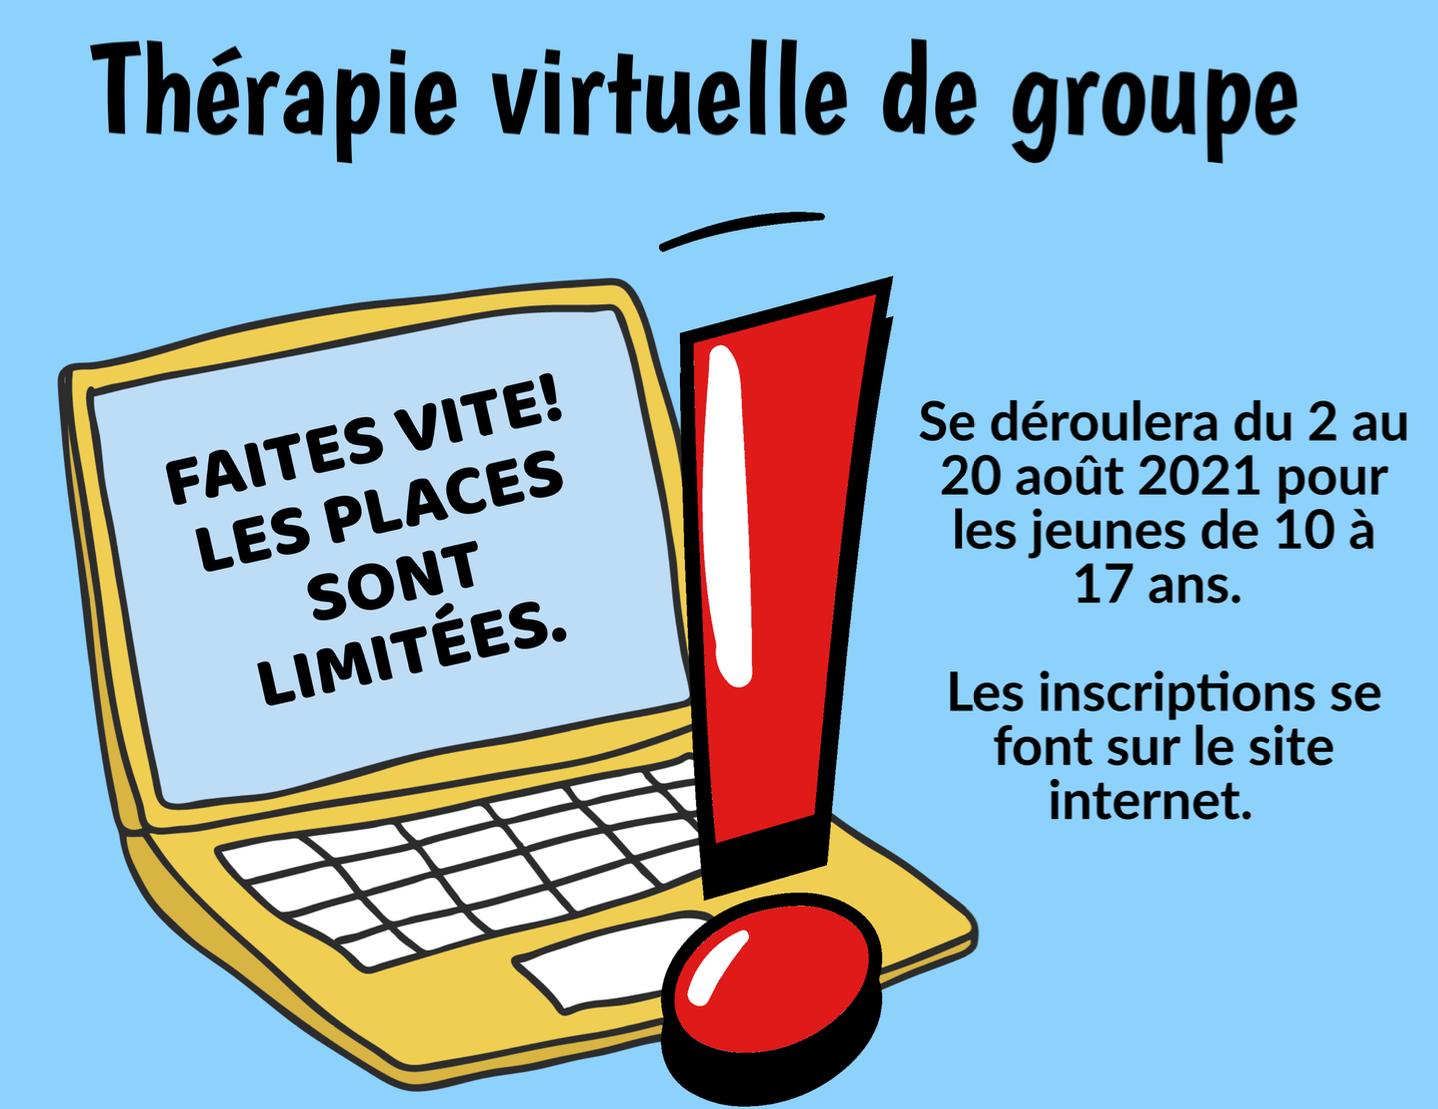 Thérapie virtuelle de groupe 2021